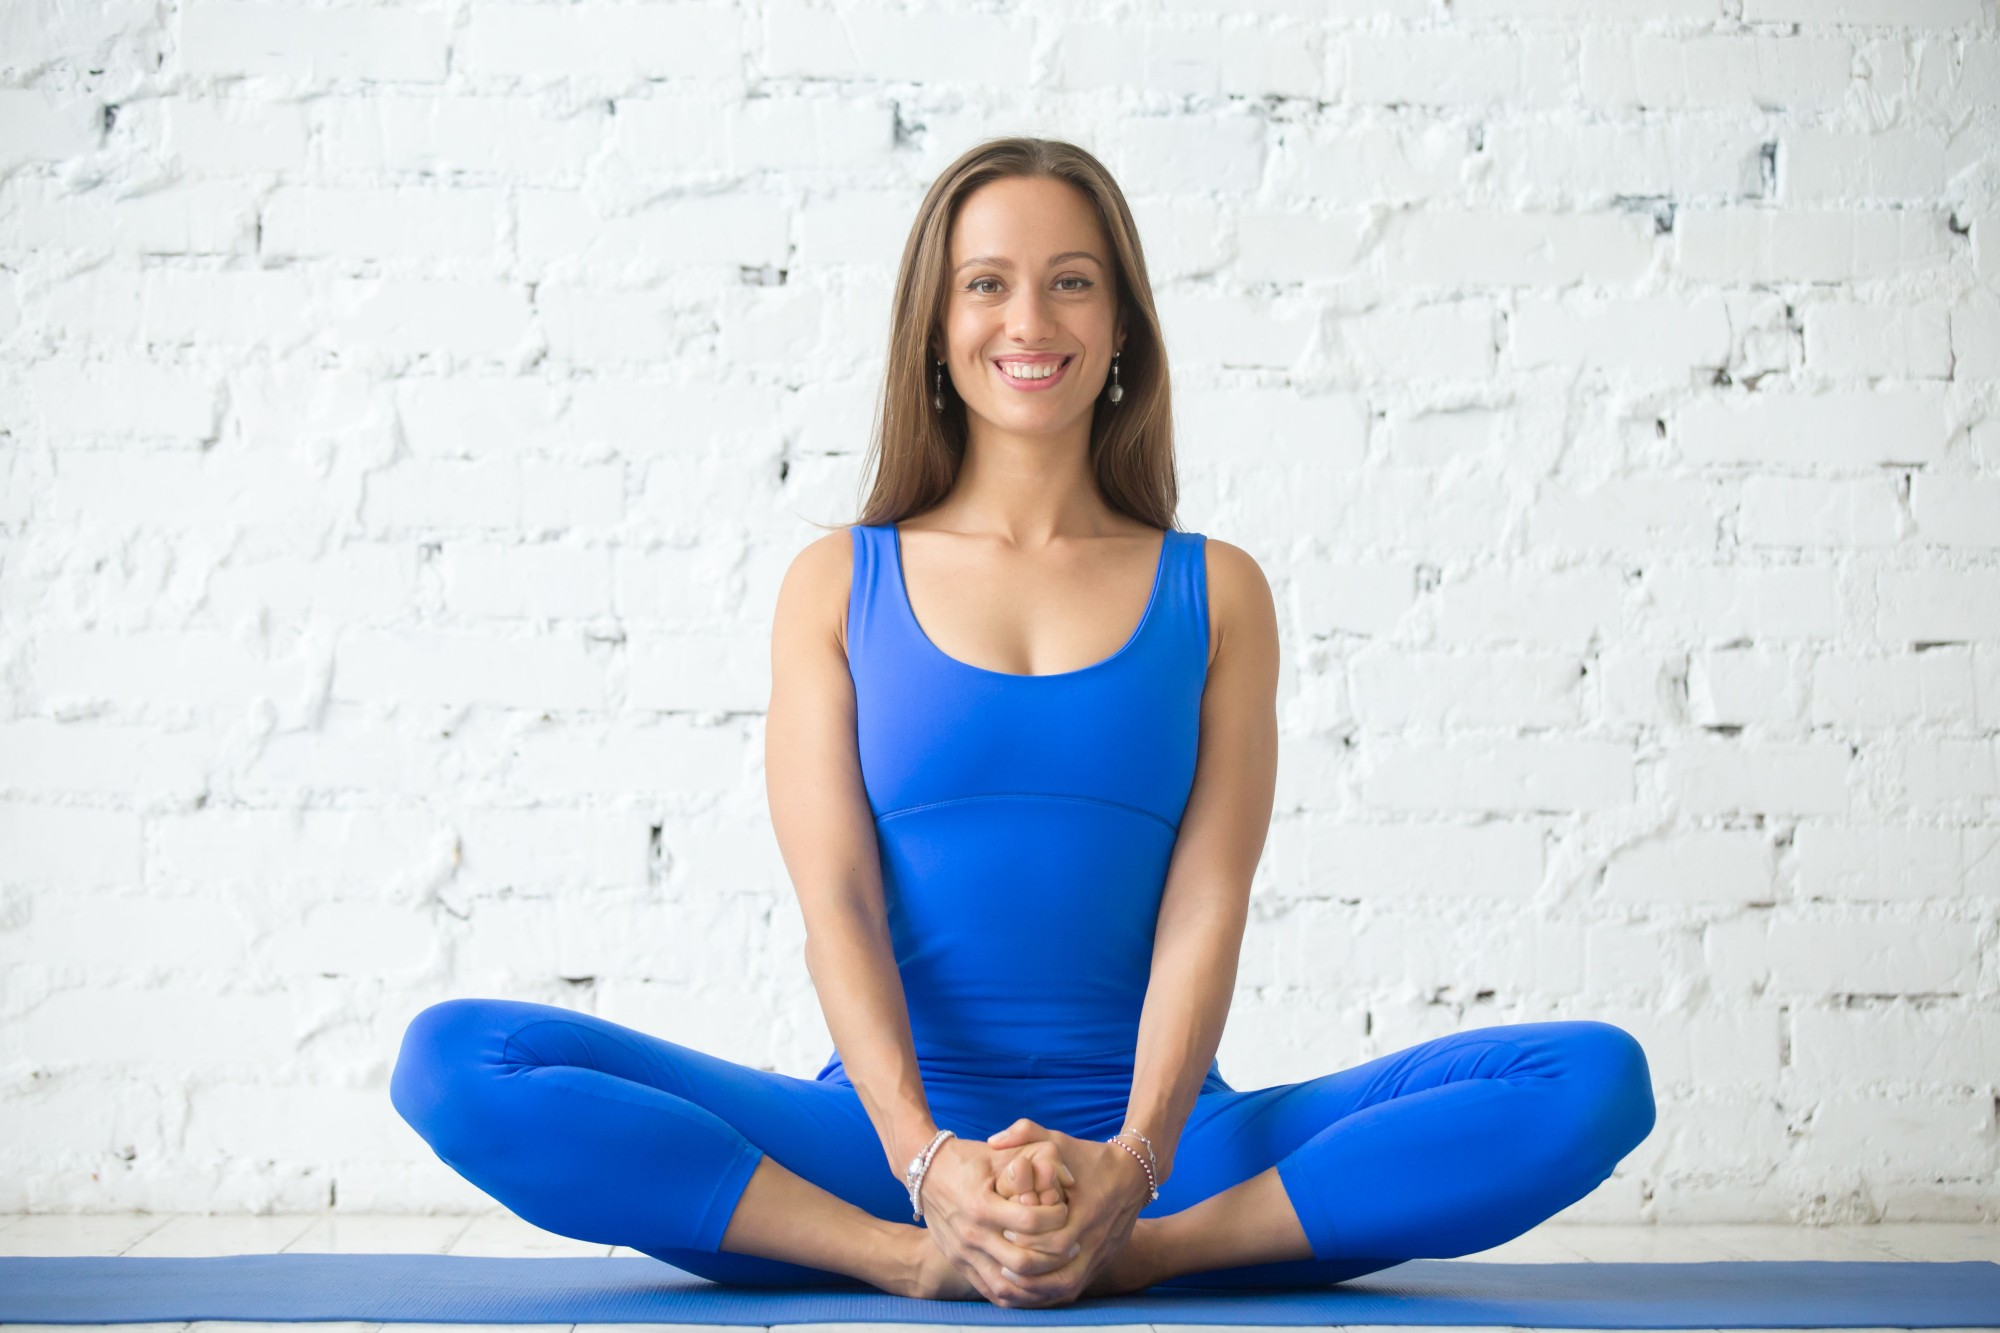 Daha iyi bir uyku için Yoga – #4 Baddha Konasana